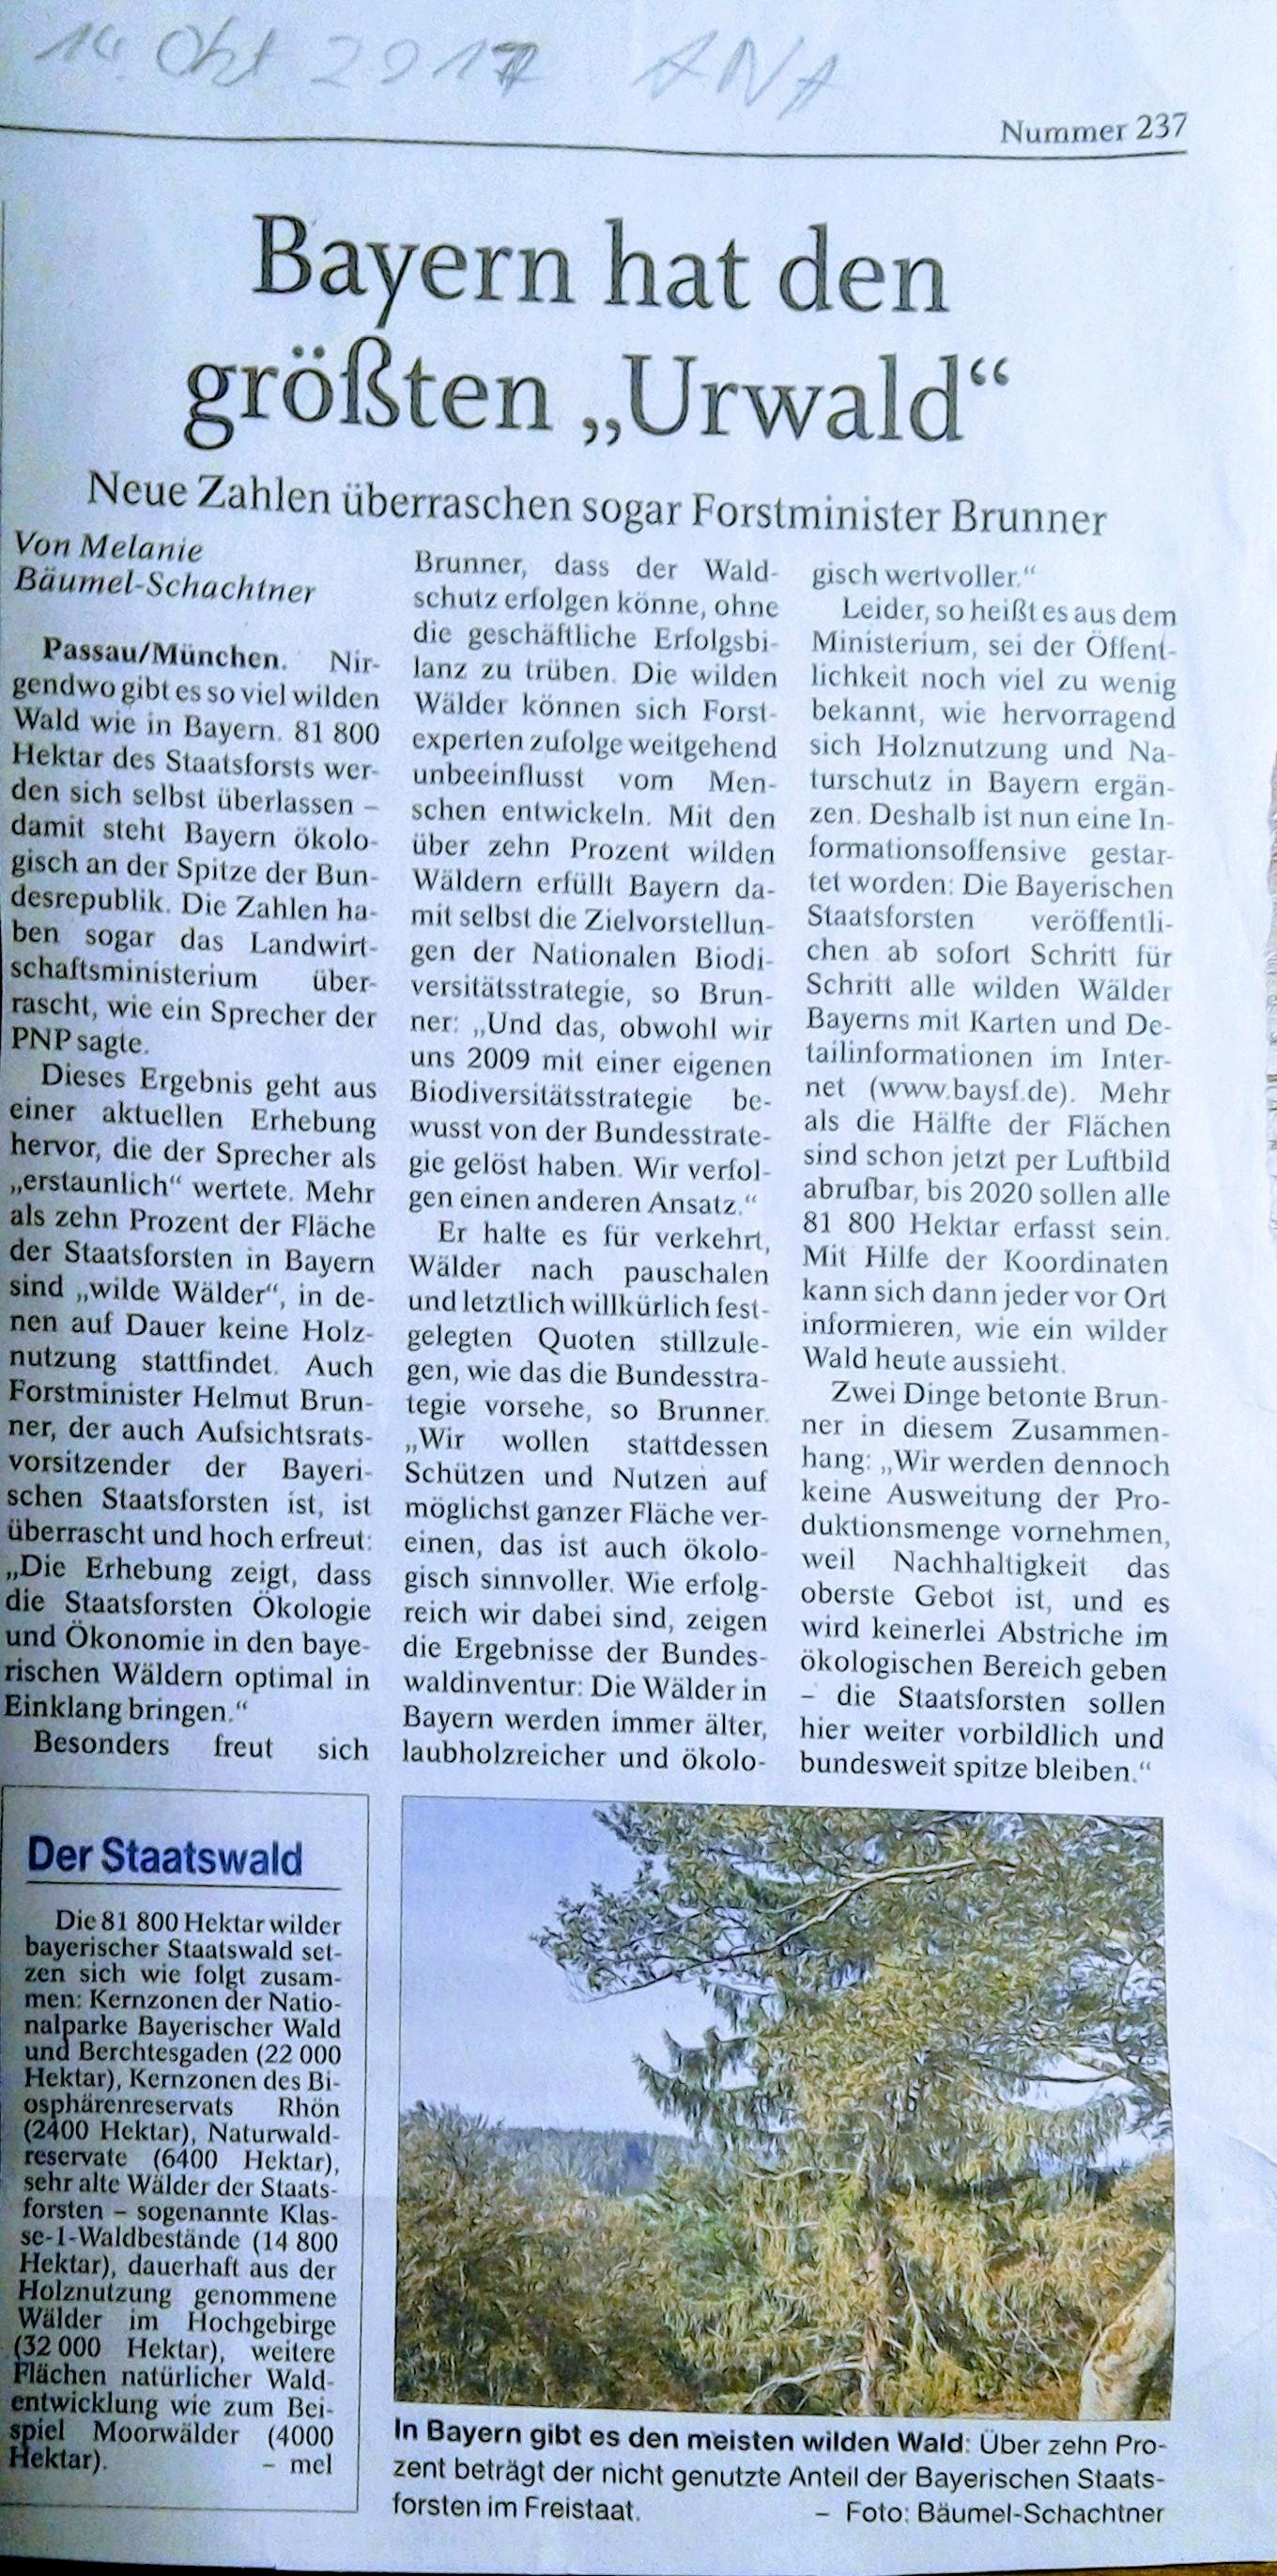 10% von Bayerns Wälder als Urwald?